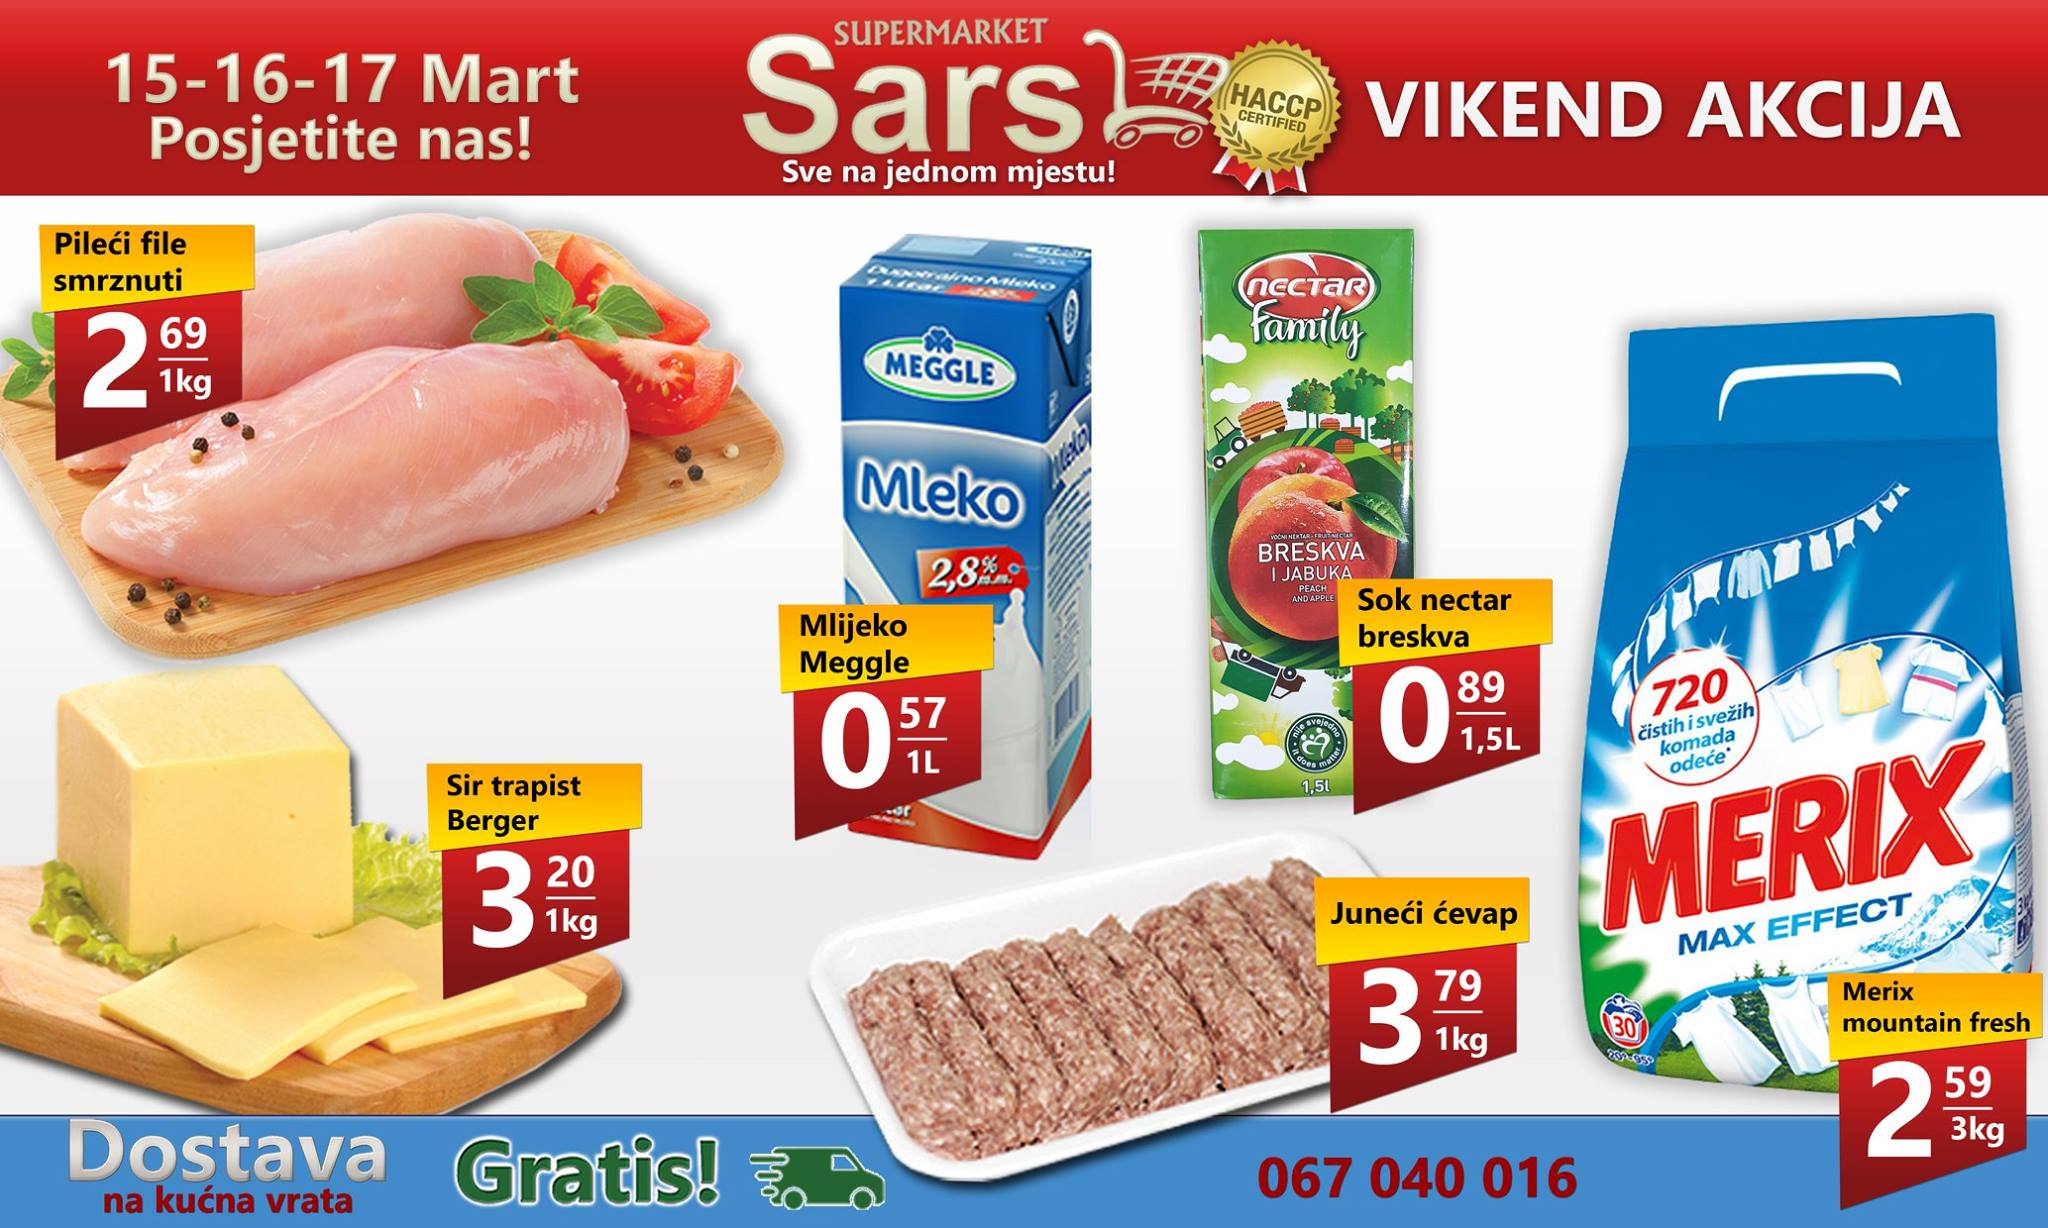 Sars 1 (6)